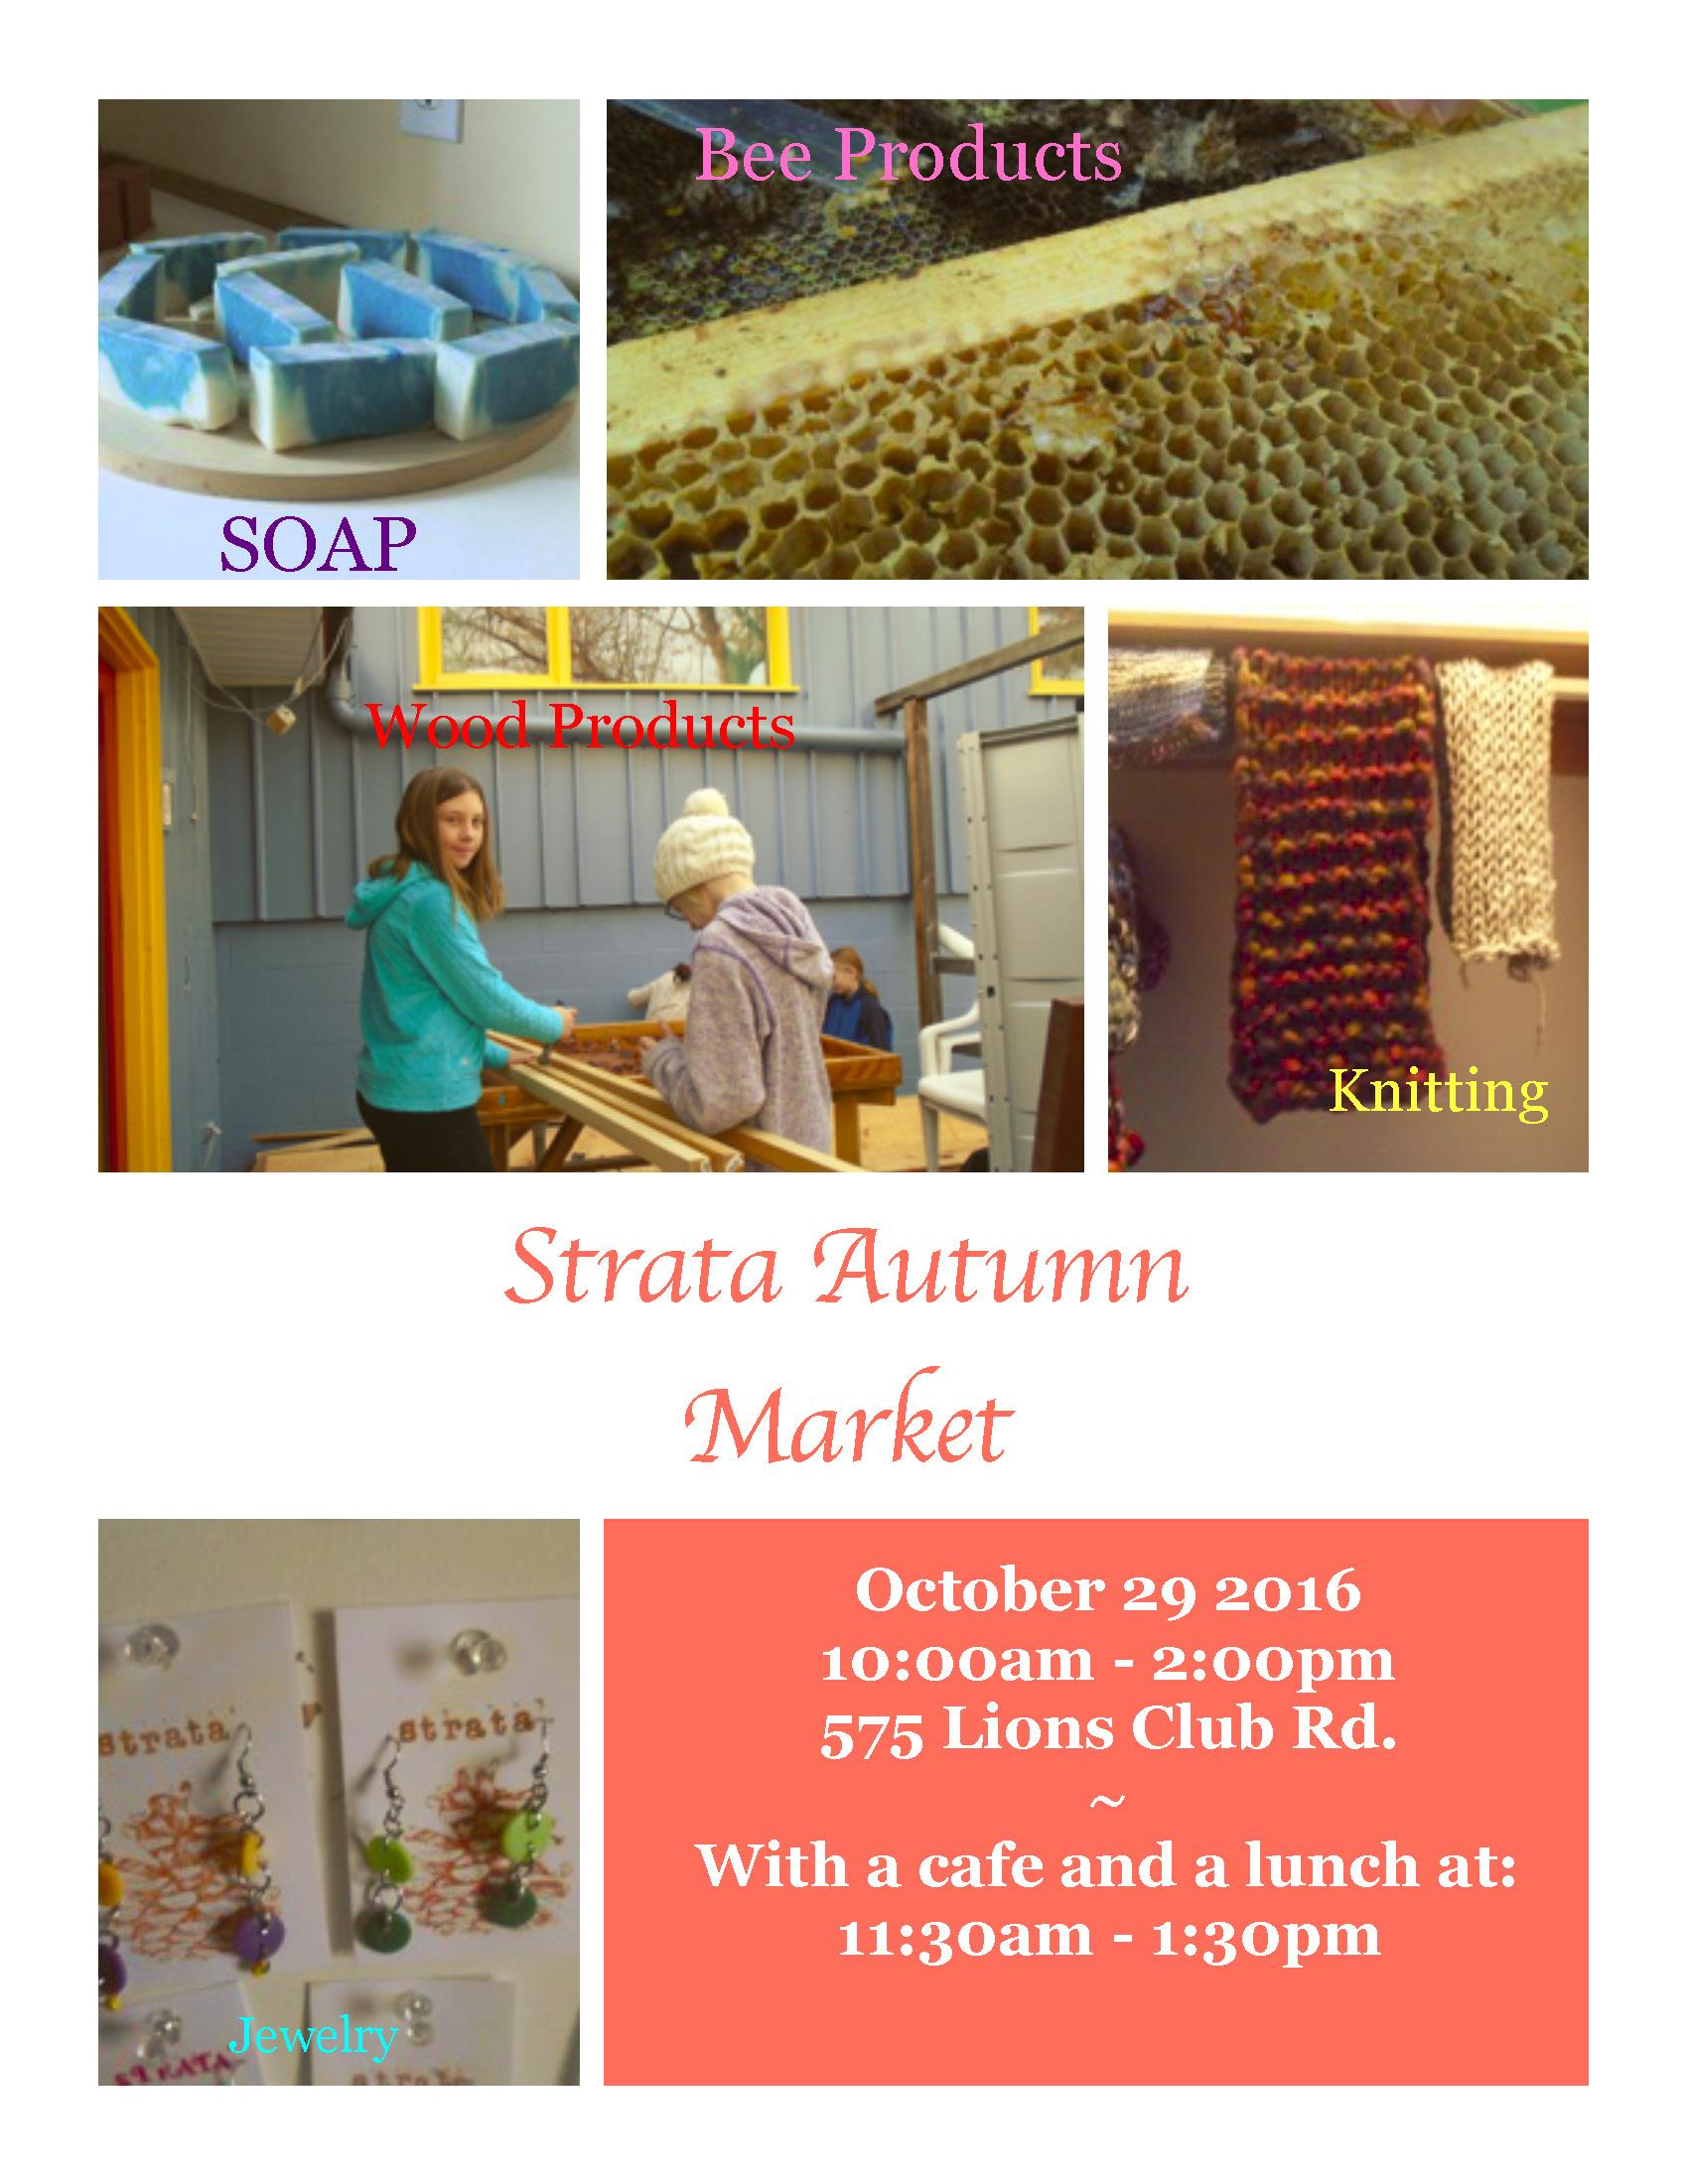 strata-autumn-market-poster-2016